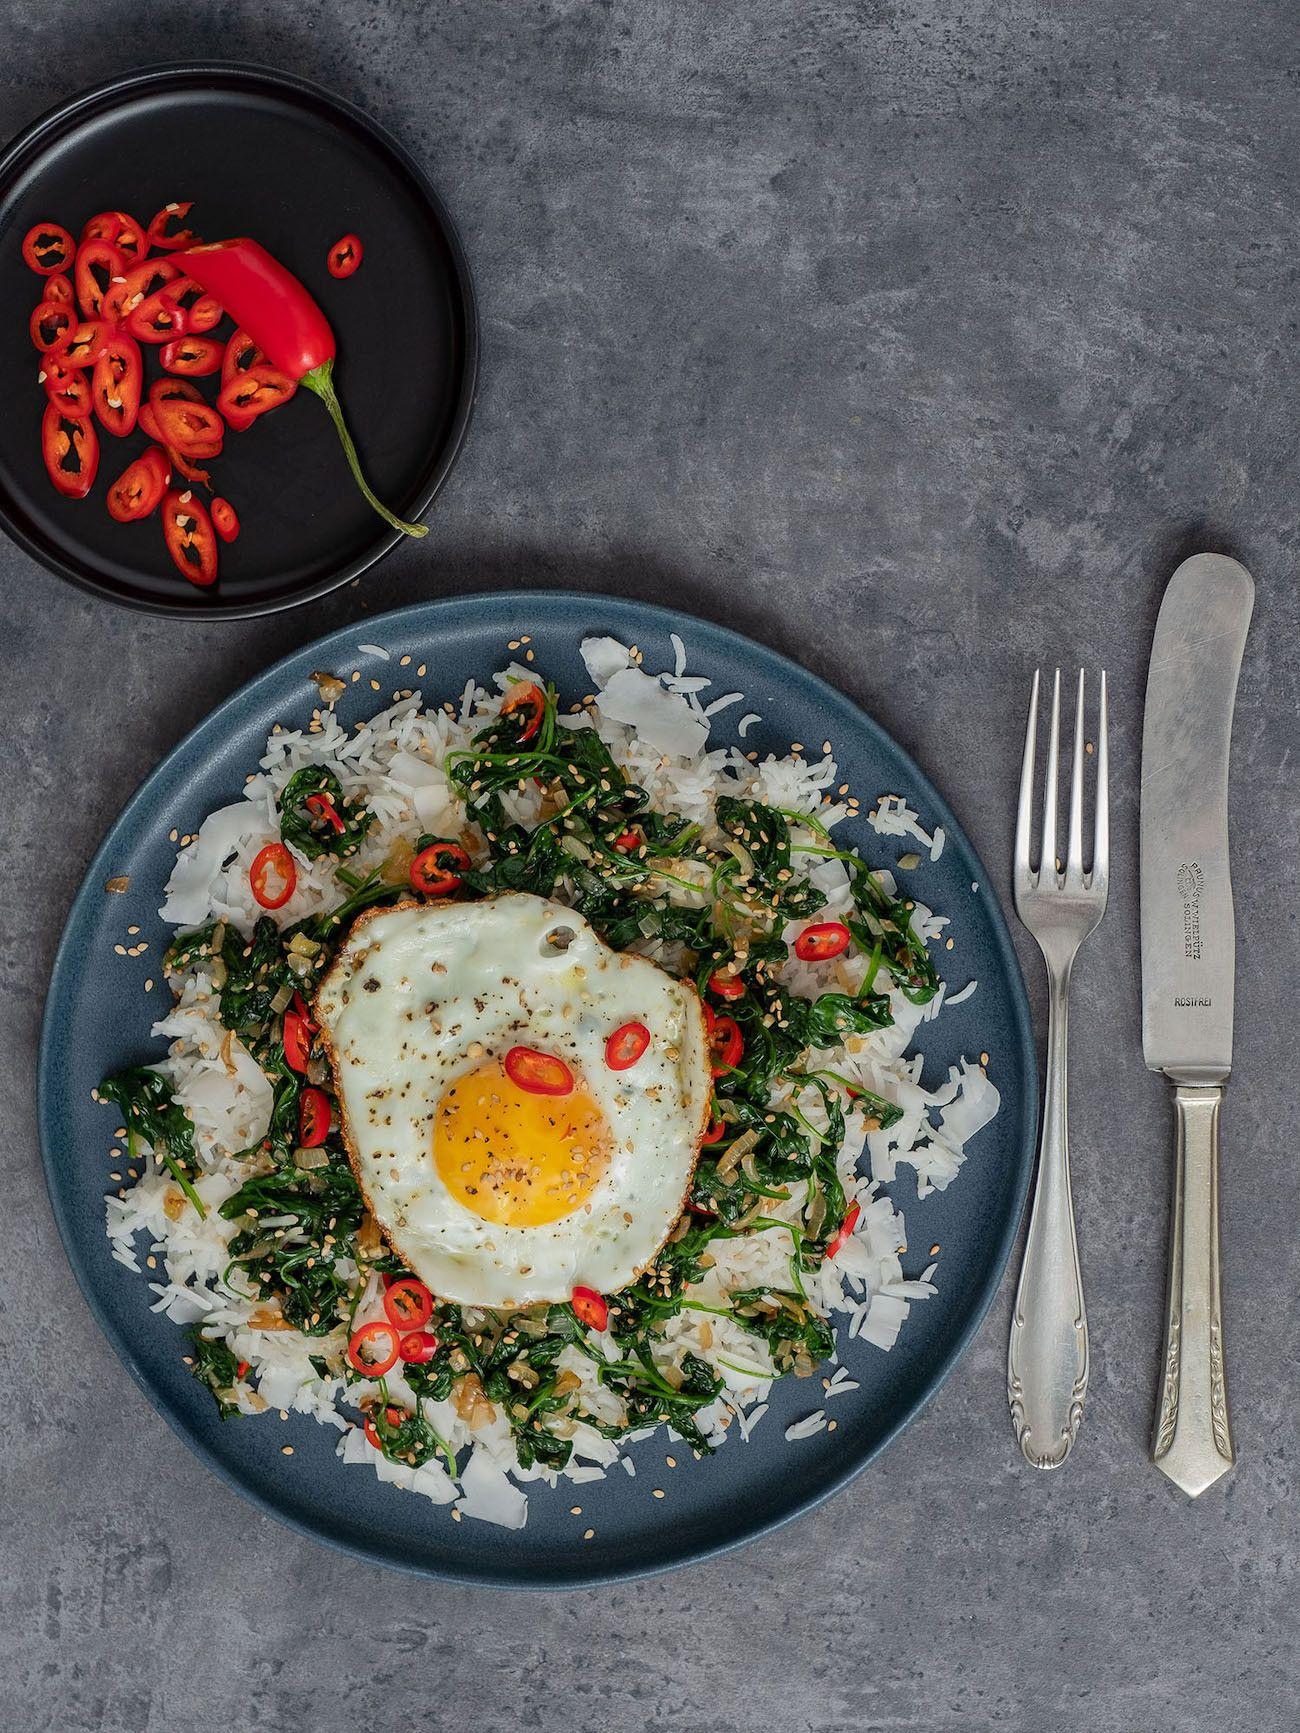 Foodblog About Fuel, Rezept Kokosreis mit Sesam-Spinat und Spigelei, Chili, Messer, gabel